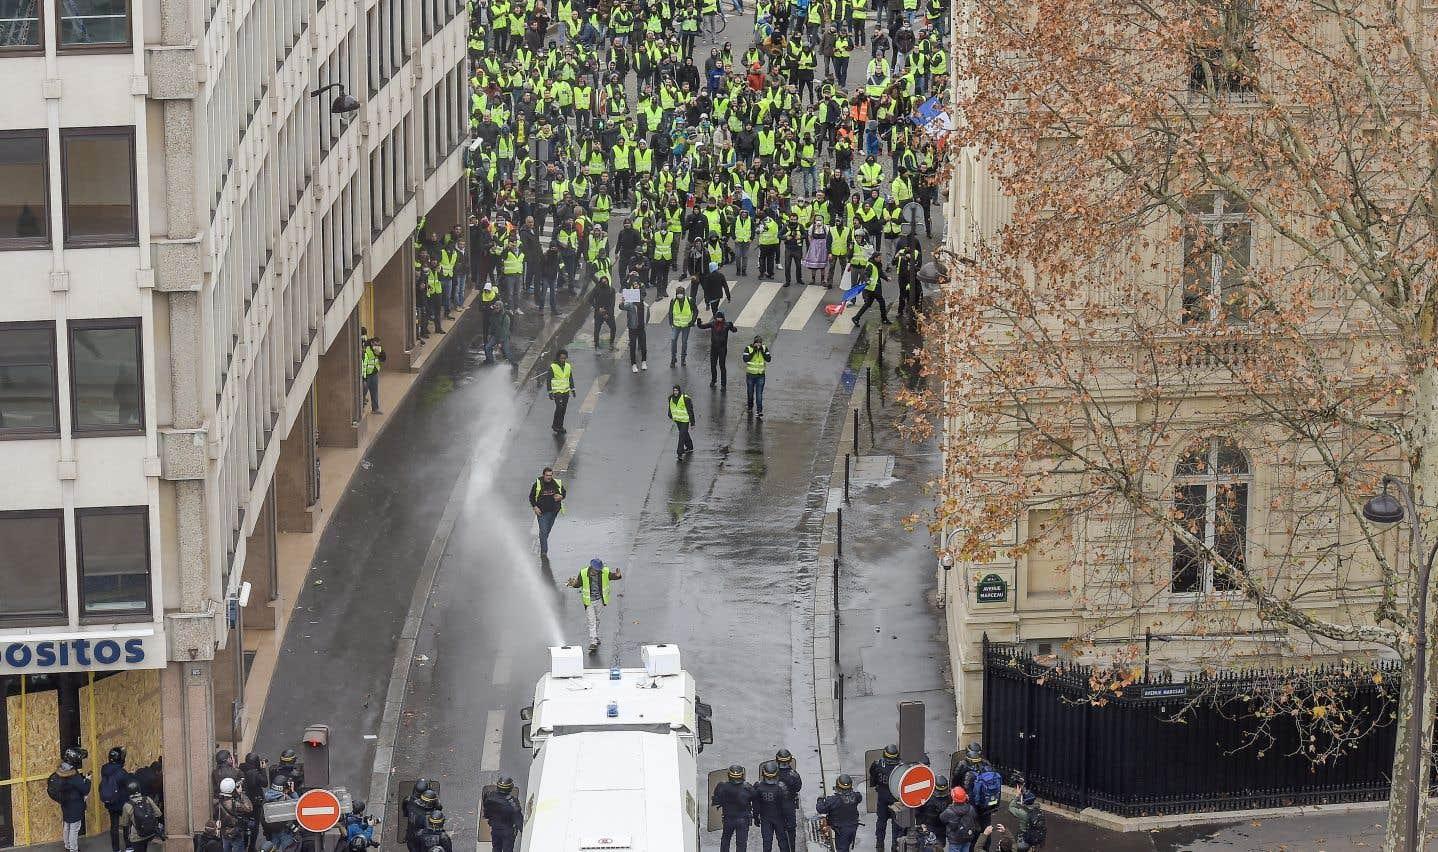 Des policiers tentent de disperser des manifestants à l'aide d'un canon à eau, près de l'Arc de Triomphe, à Paris.